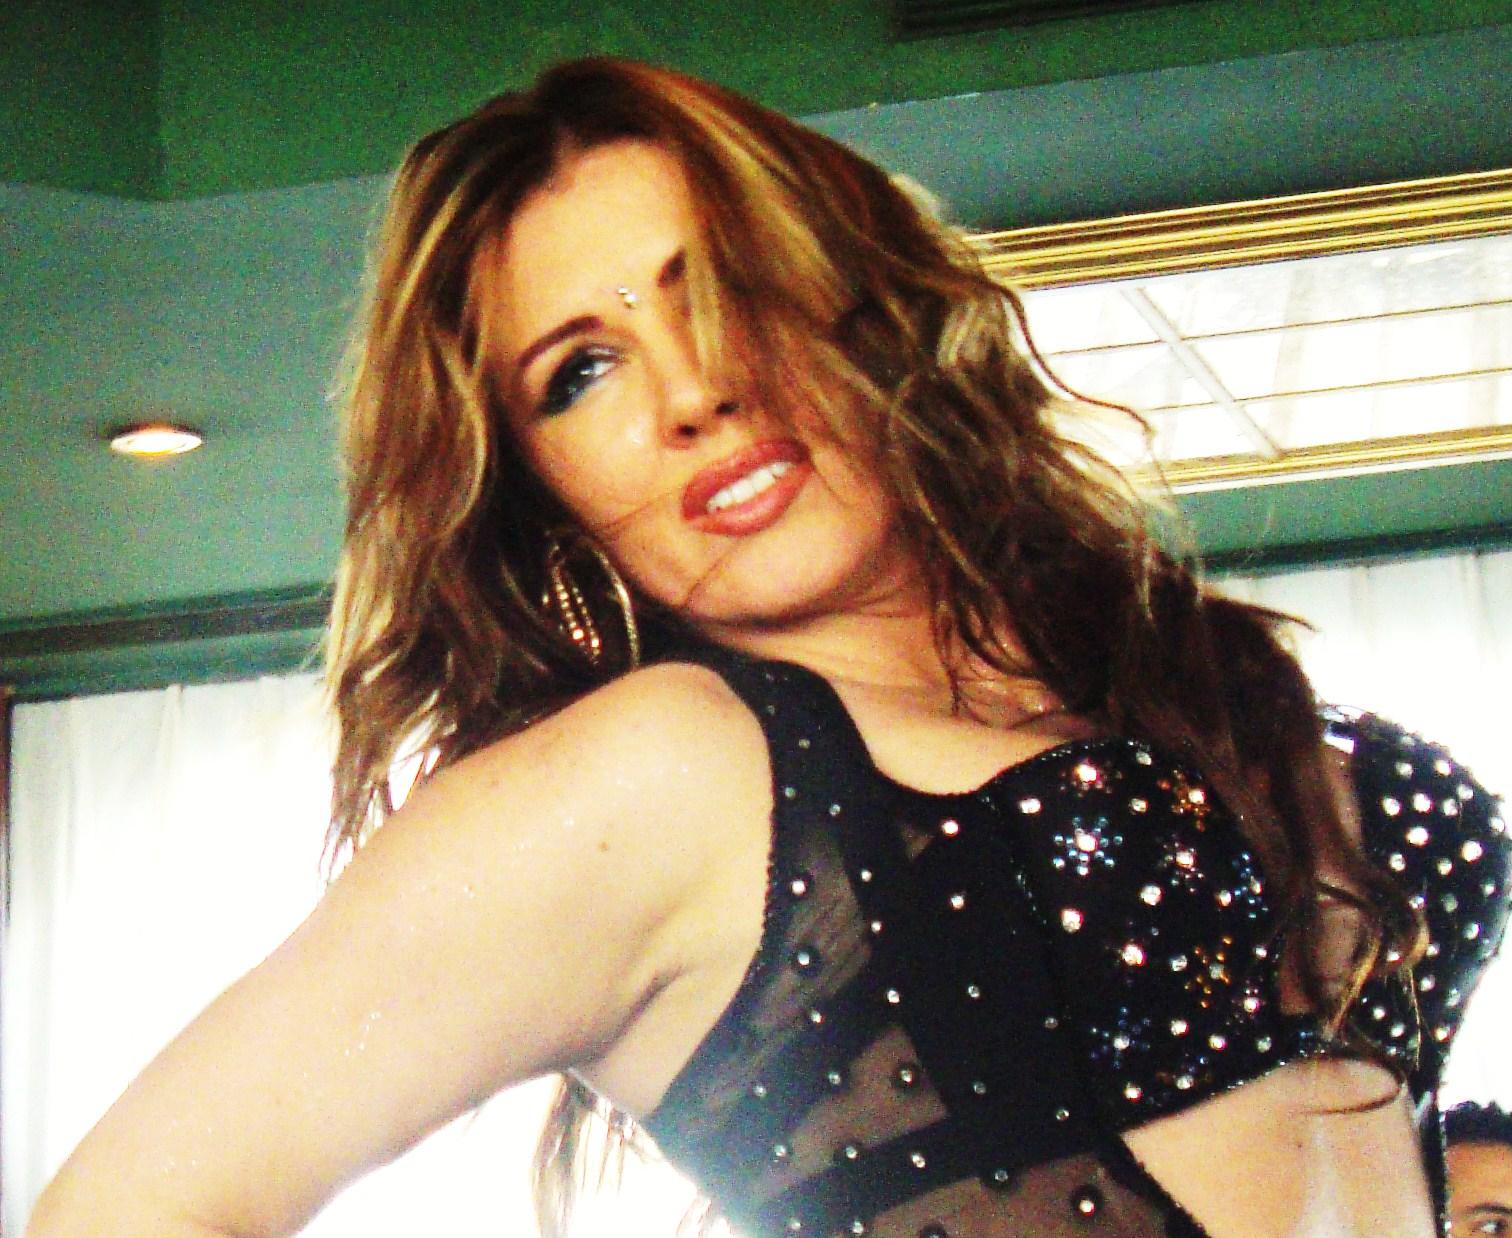 Joana saahirah belly dancer big ass at nile maxim 2015 - 4 8